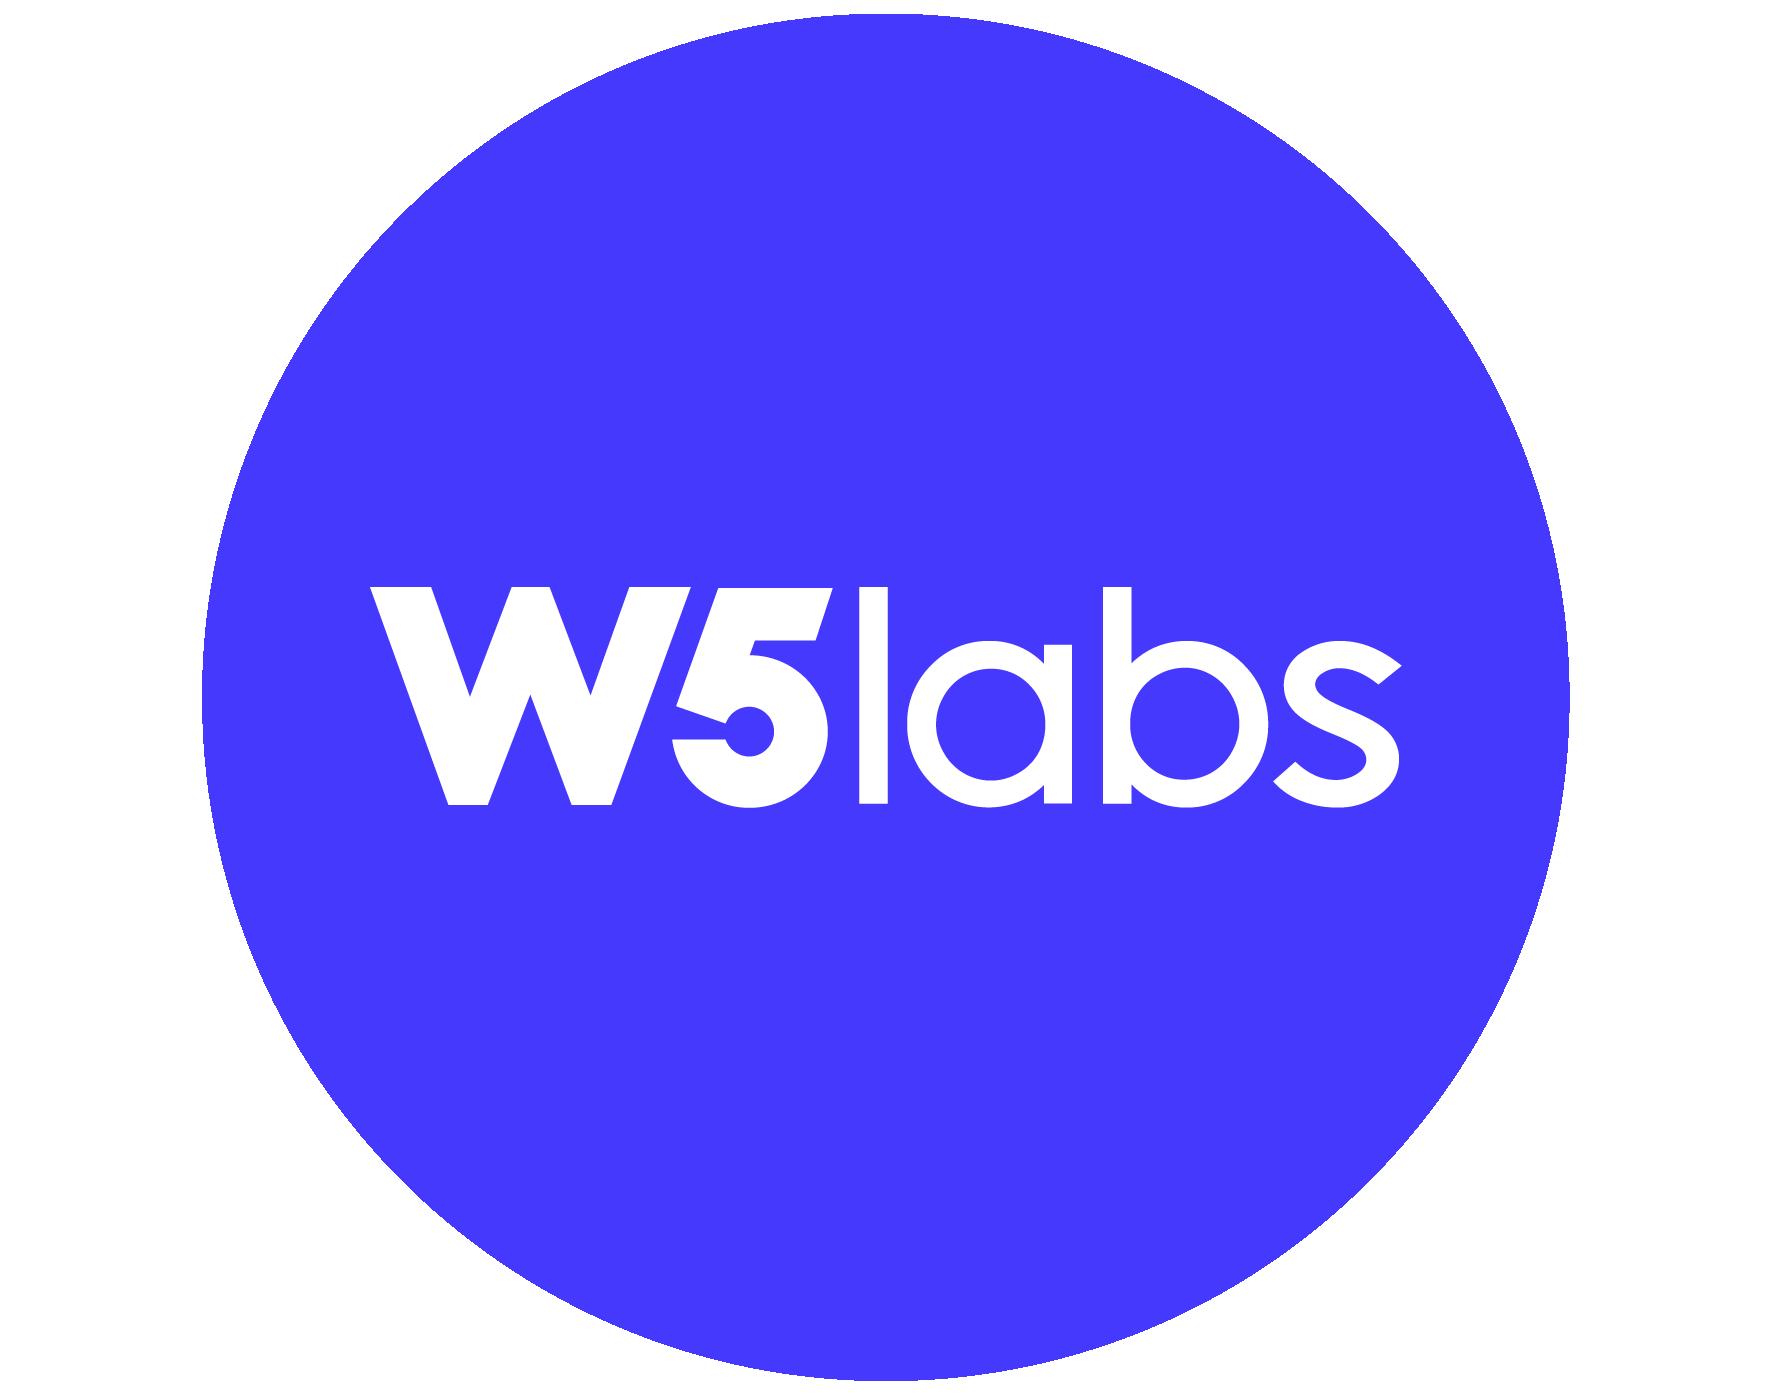 W5labs Logo